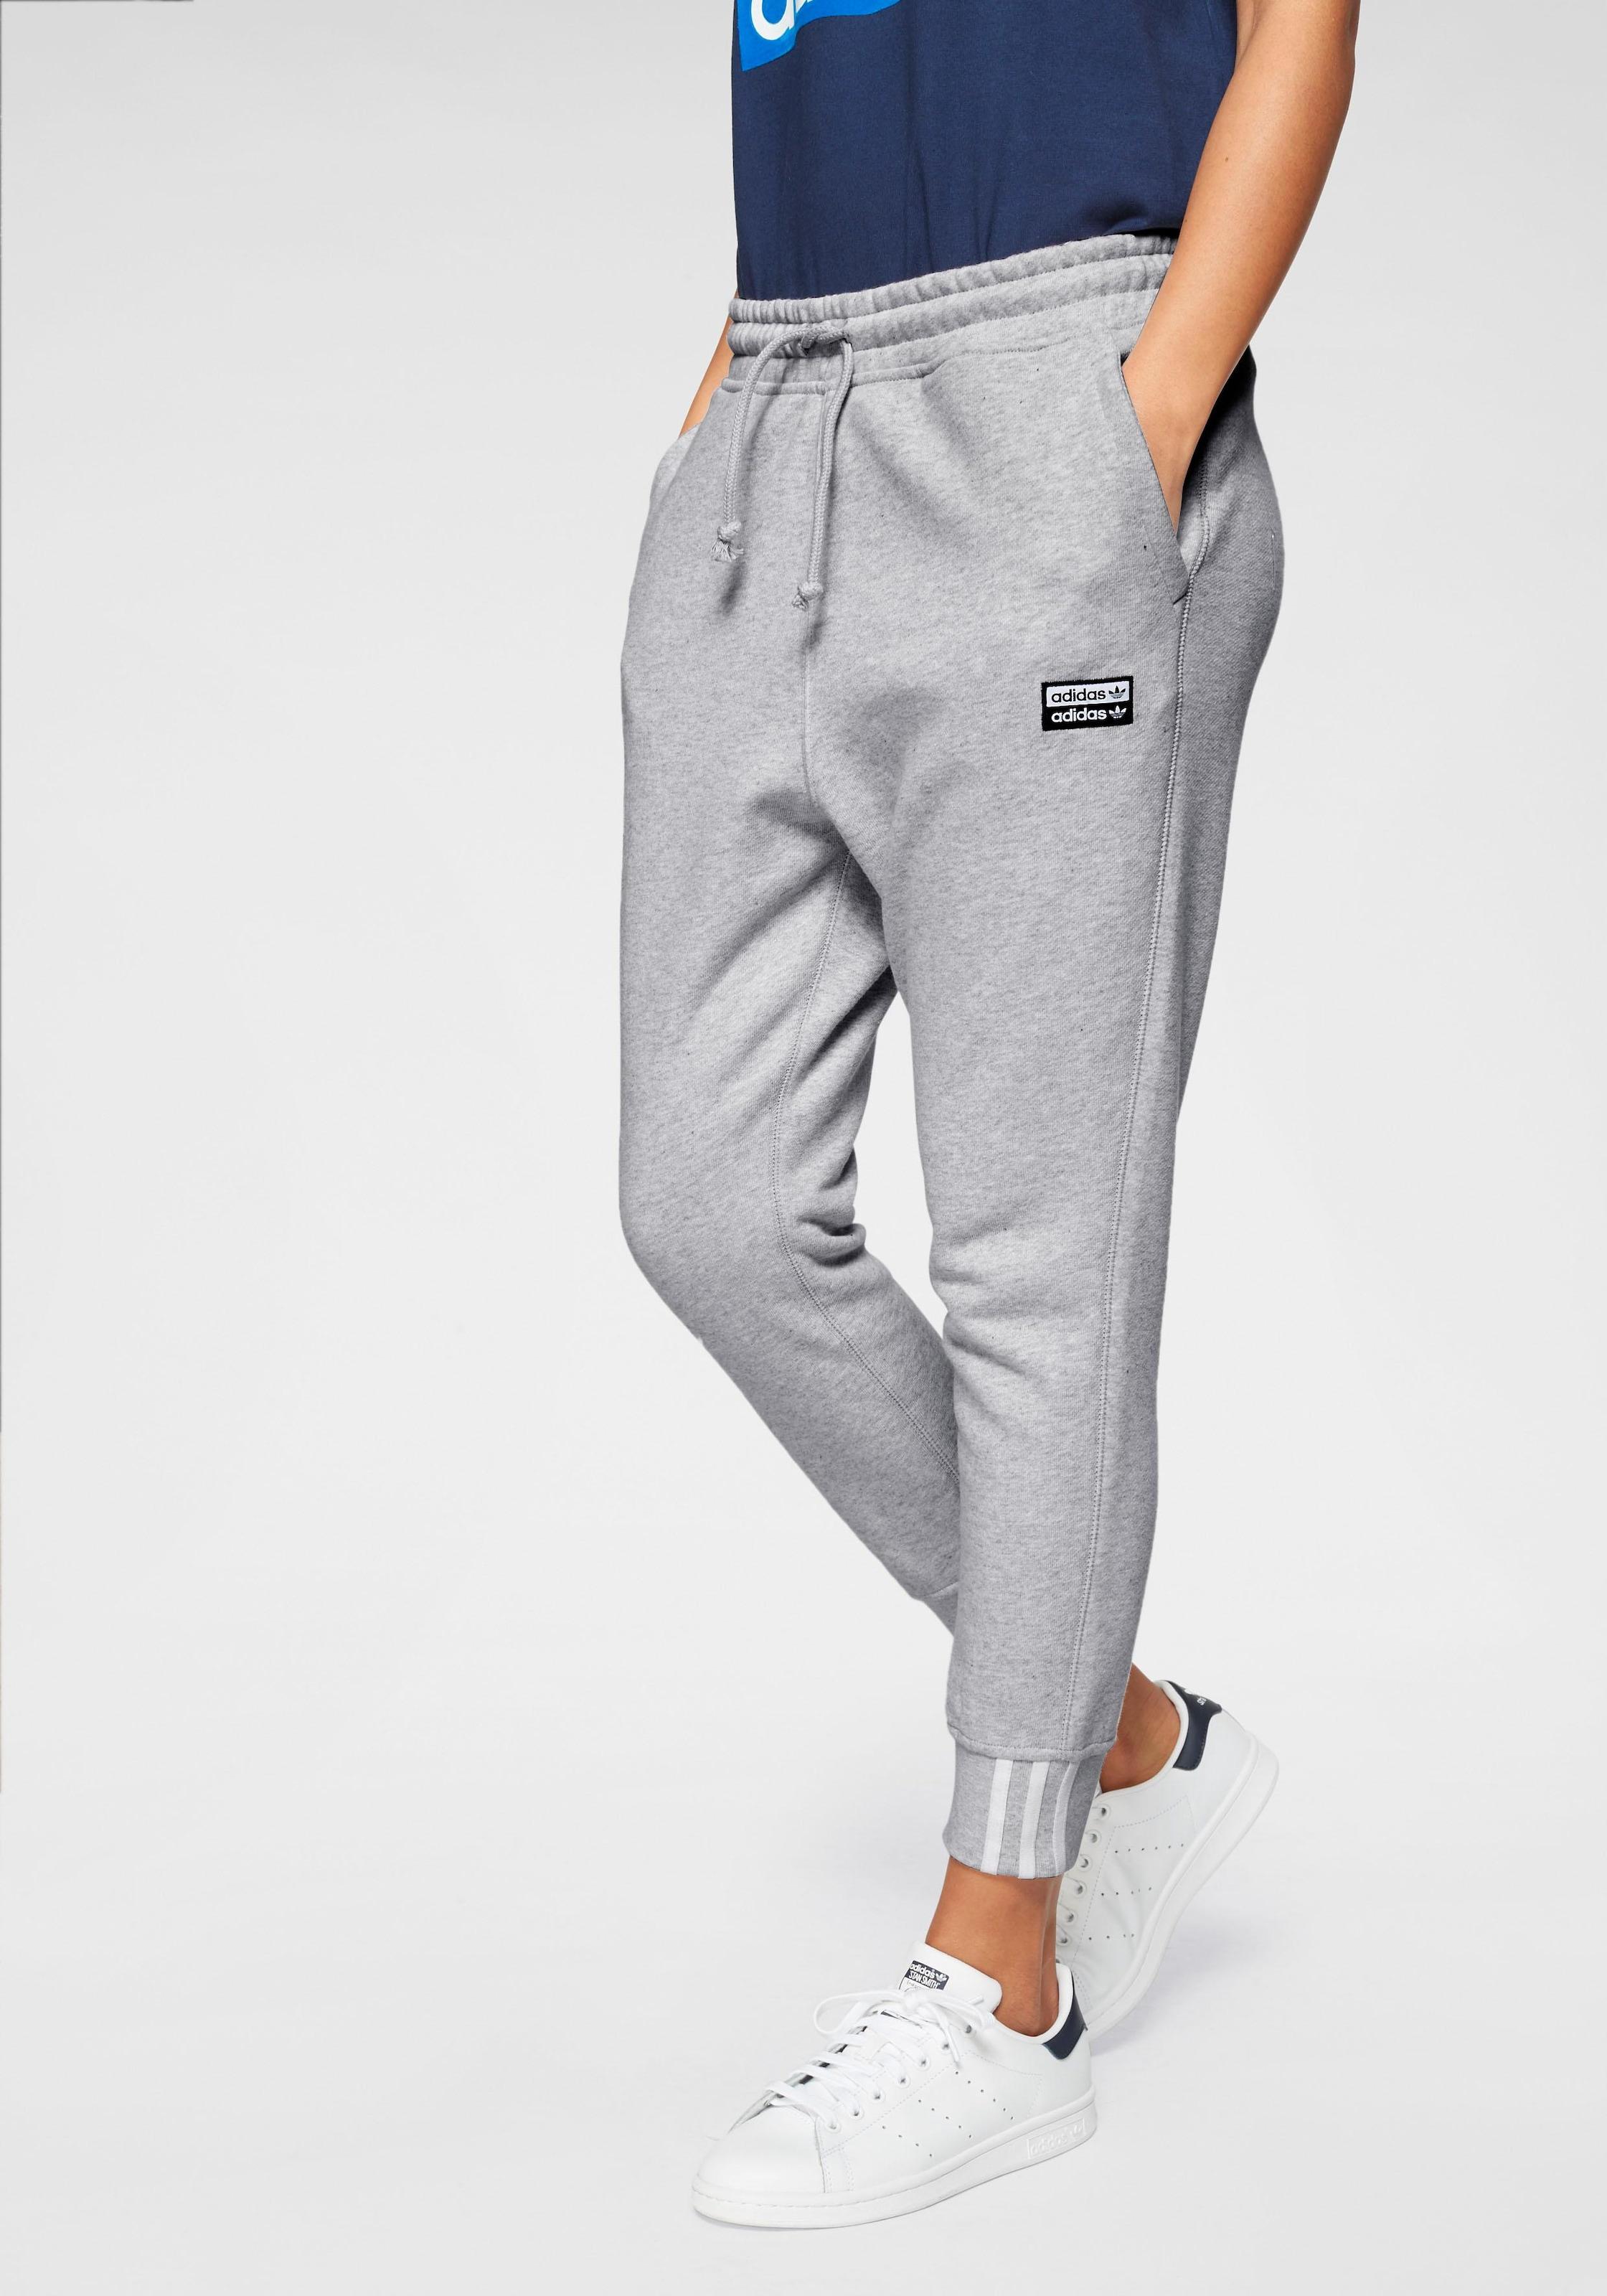 Adidas Original Damen 3 Streifen Rock Retro Klassisch Schwarz Weiß